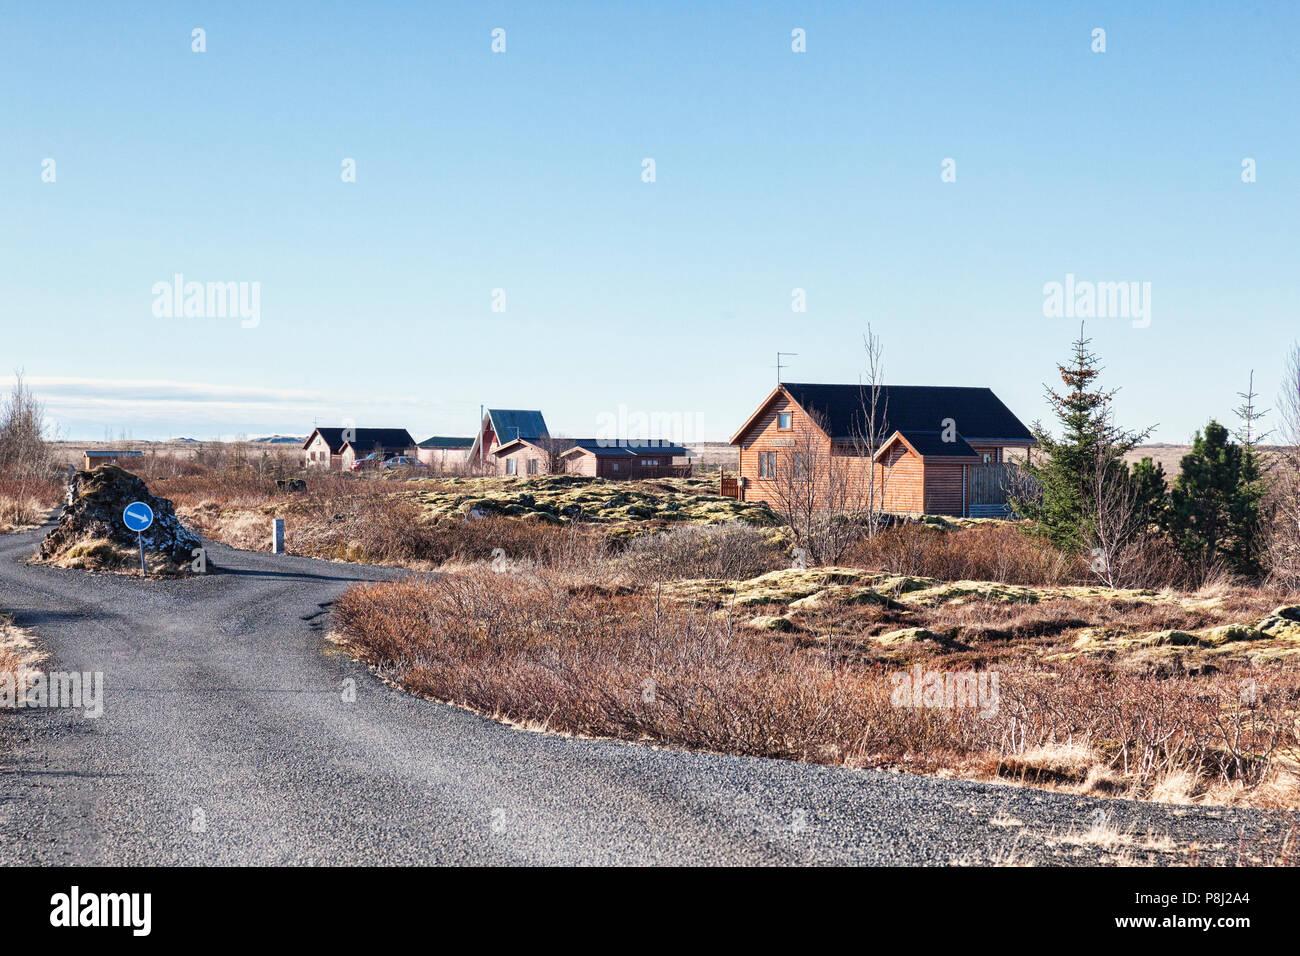 22 avril 2018: Grimsnes, Sud de l'Islande - niches islandais sur une bonne matinée. Photo Stock